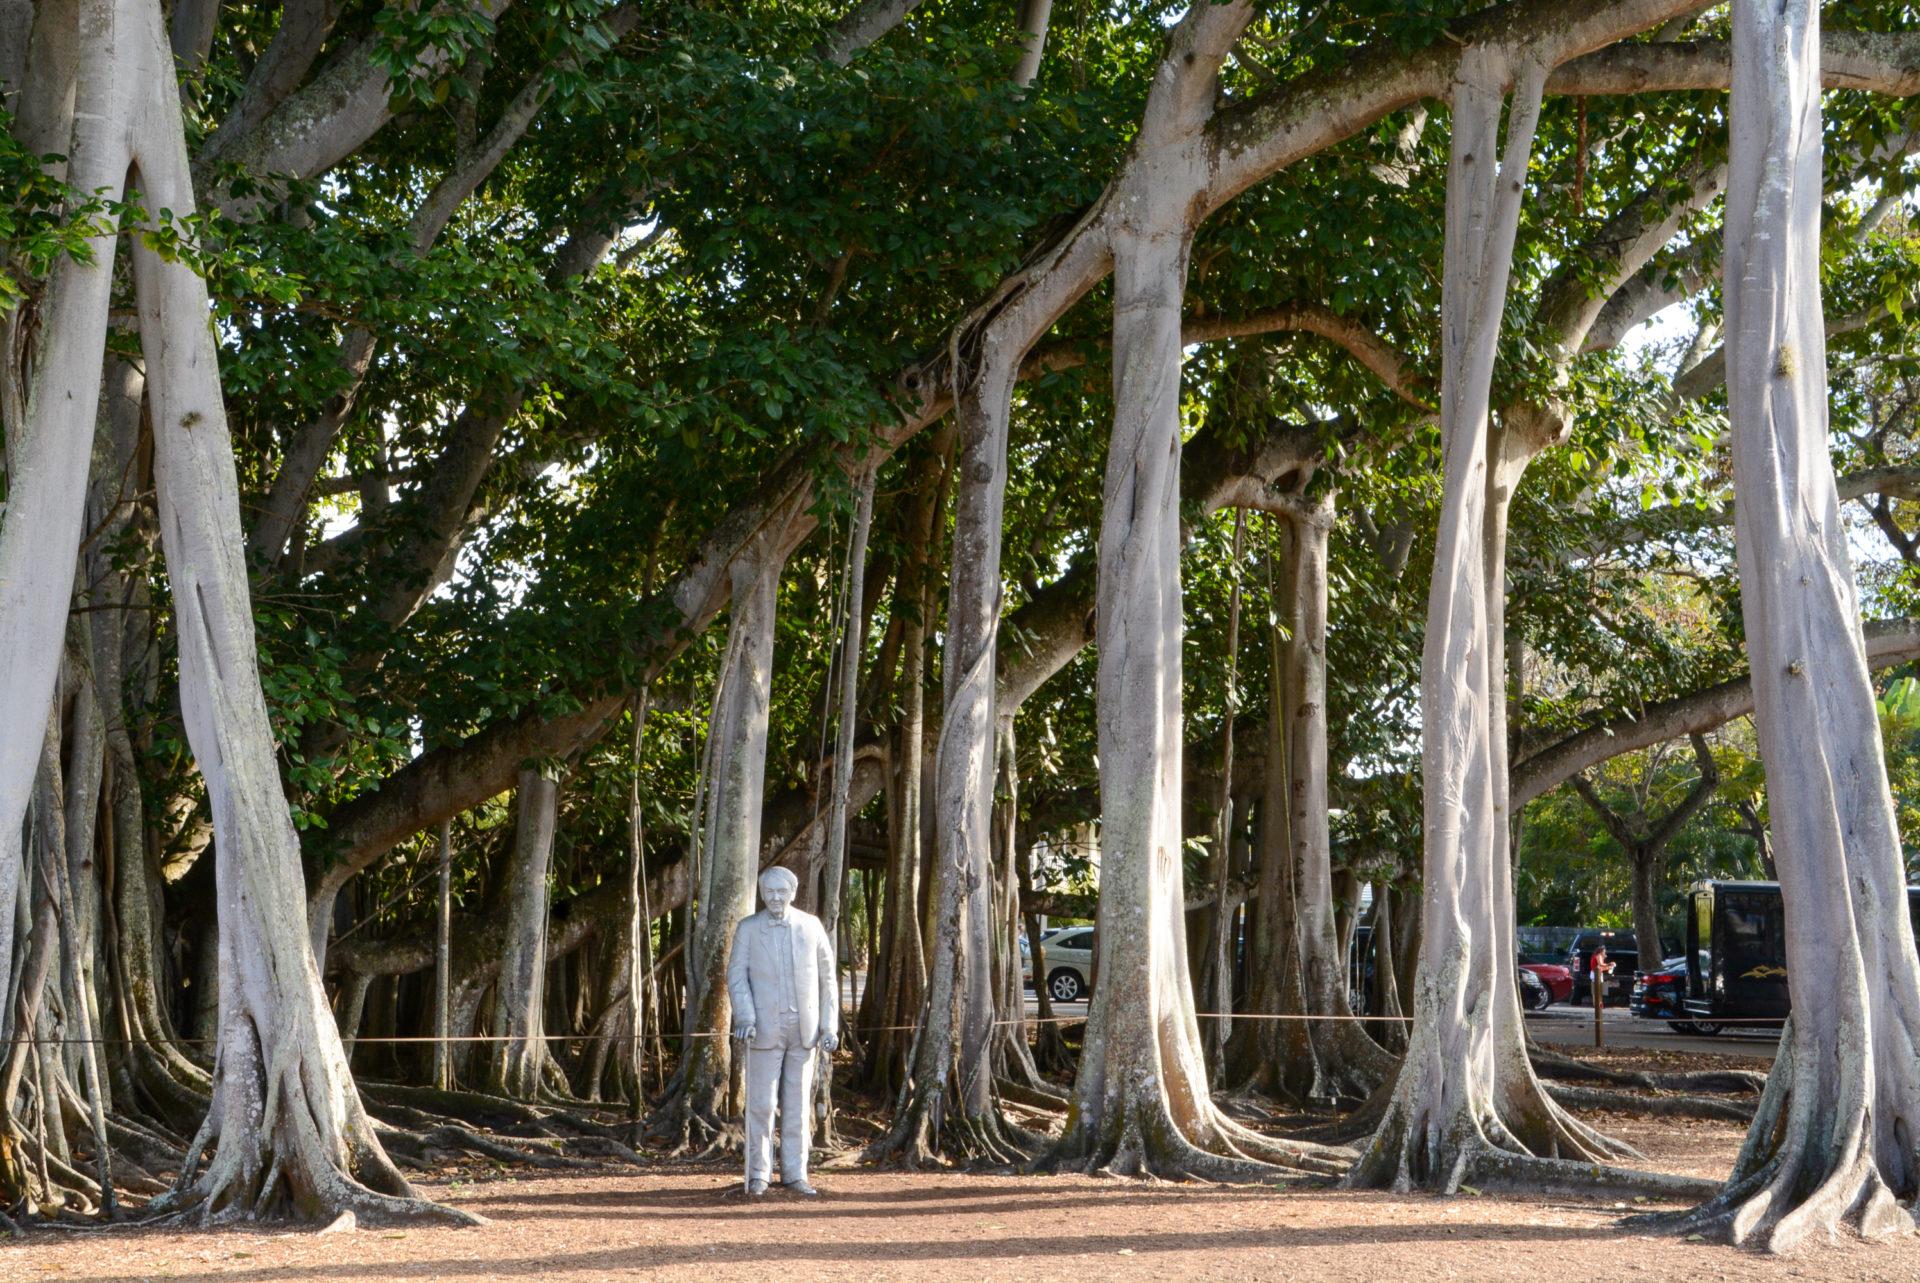 Denkmal für Thomas Edison im Estate in Fort Myers in Florida mit Banyan-Feigen